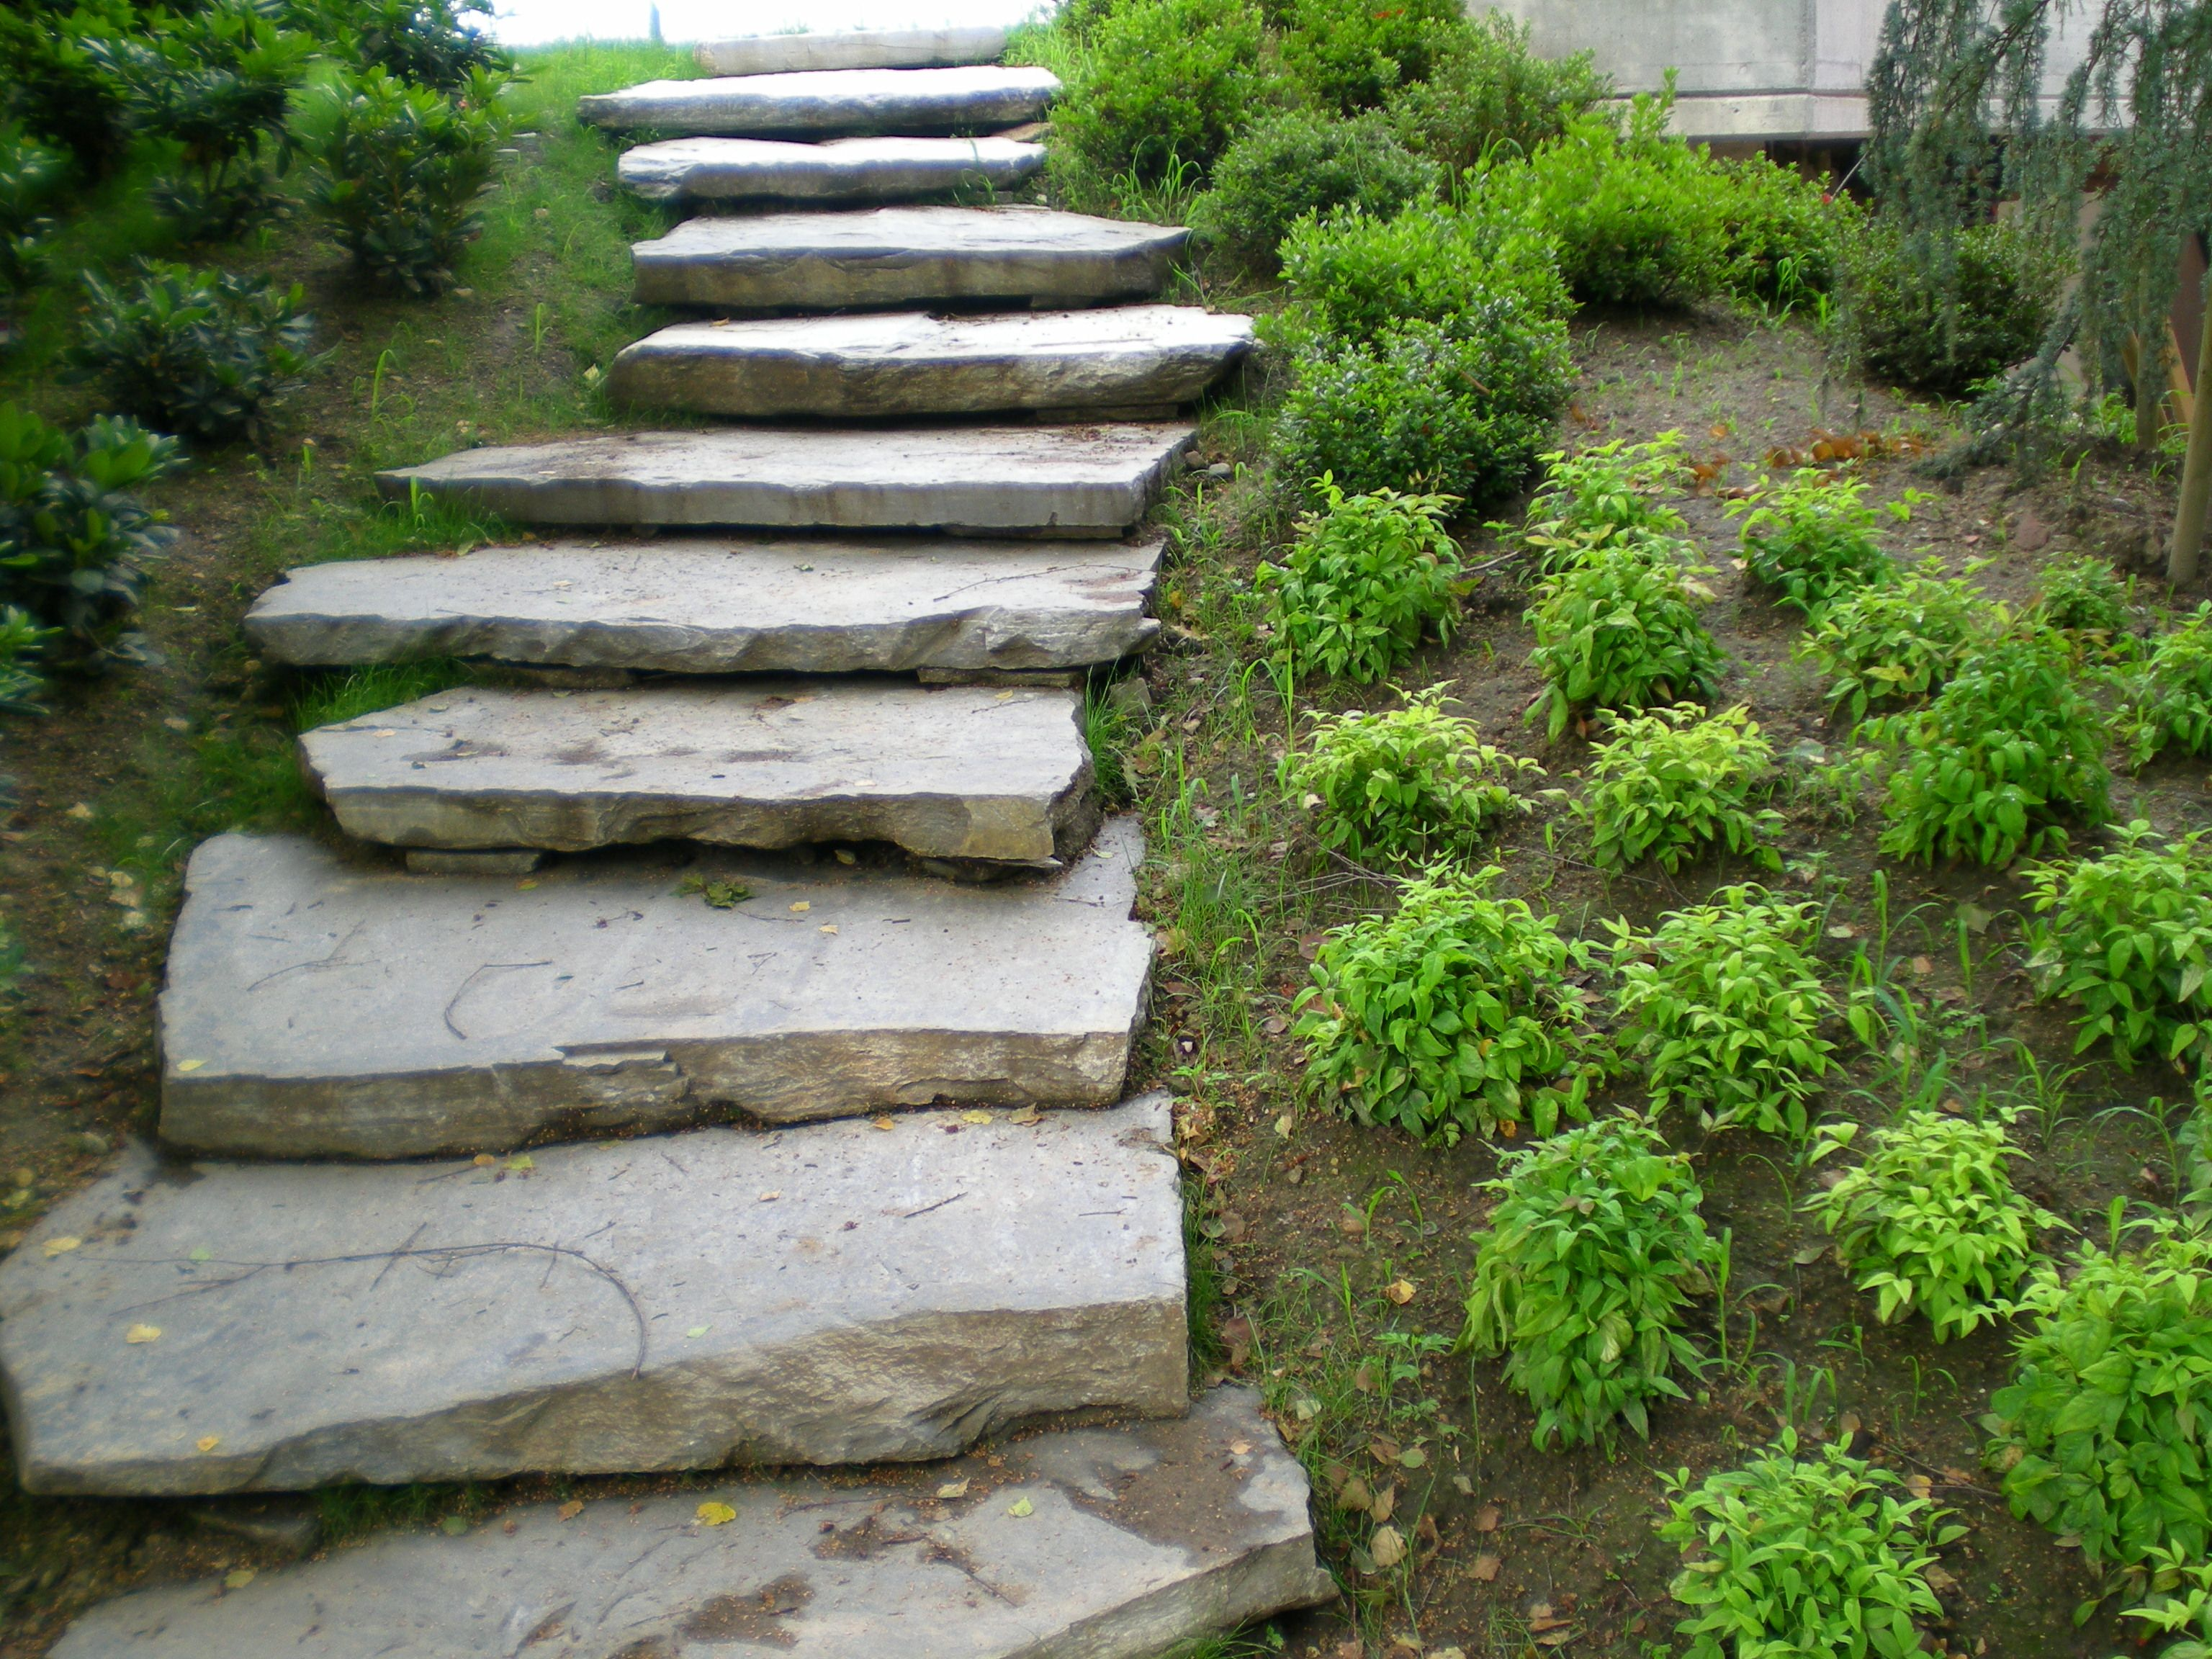 Scale giardino cerca con google giardini outdoor decor garden e home decor - Scale per giardini ...